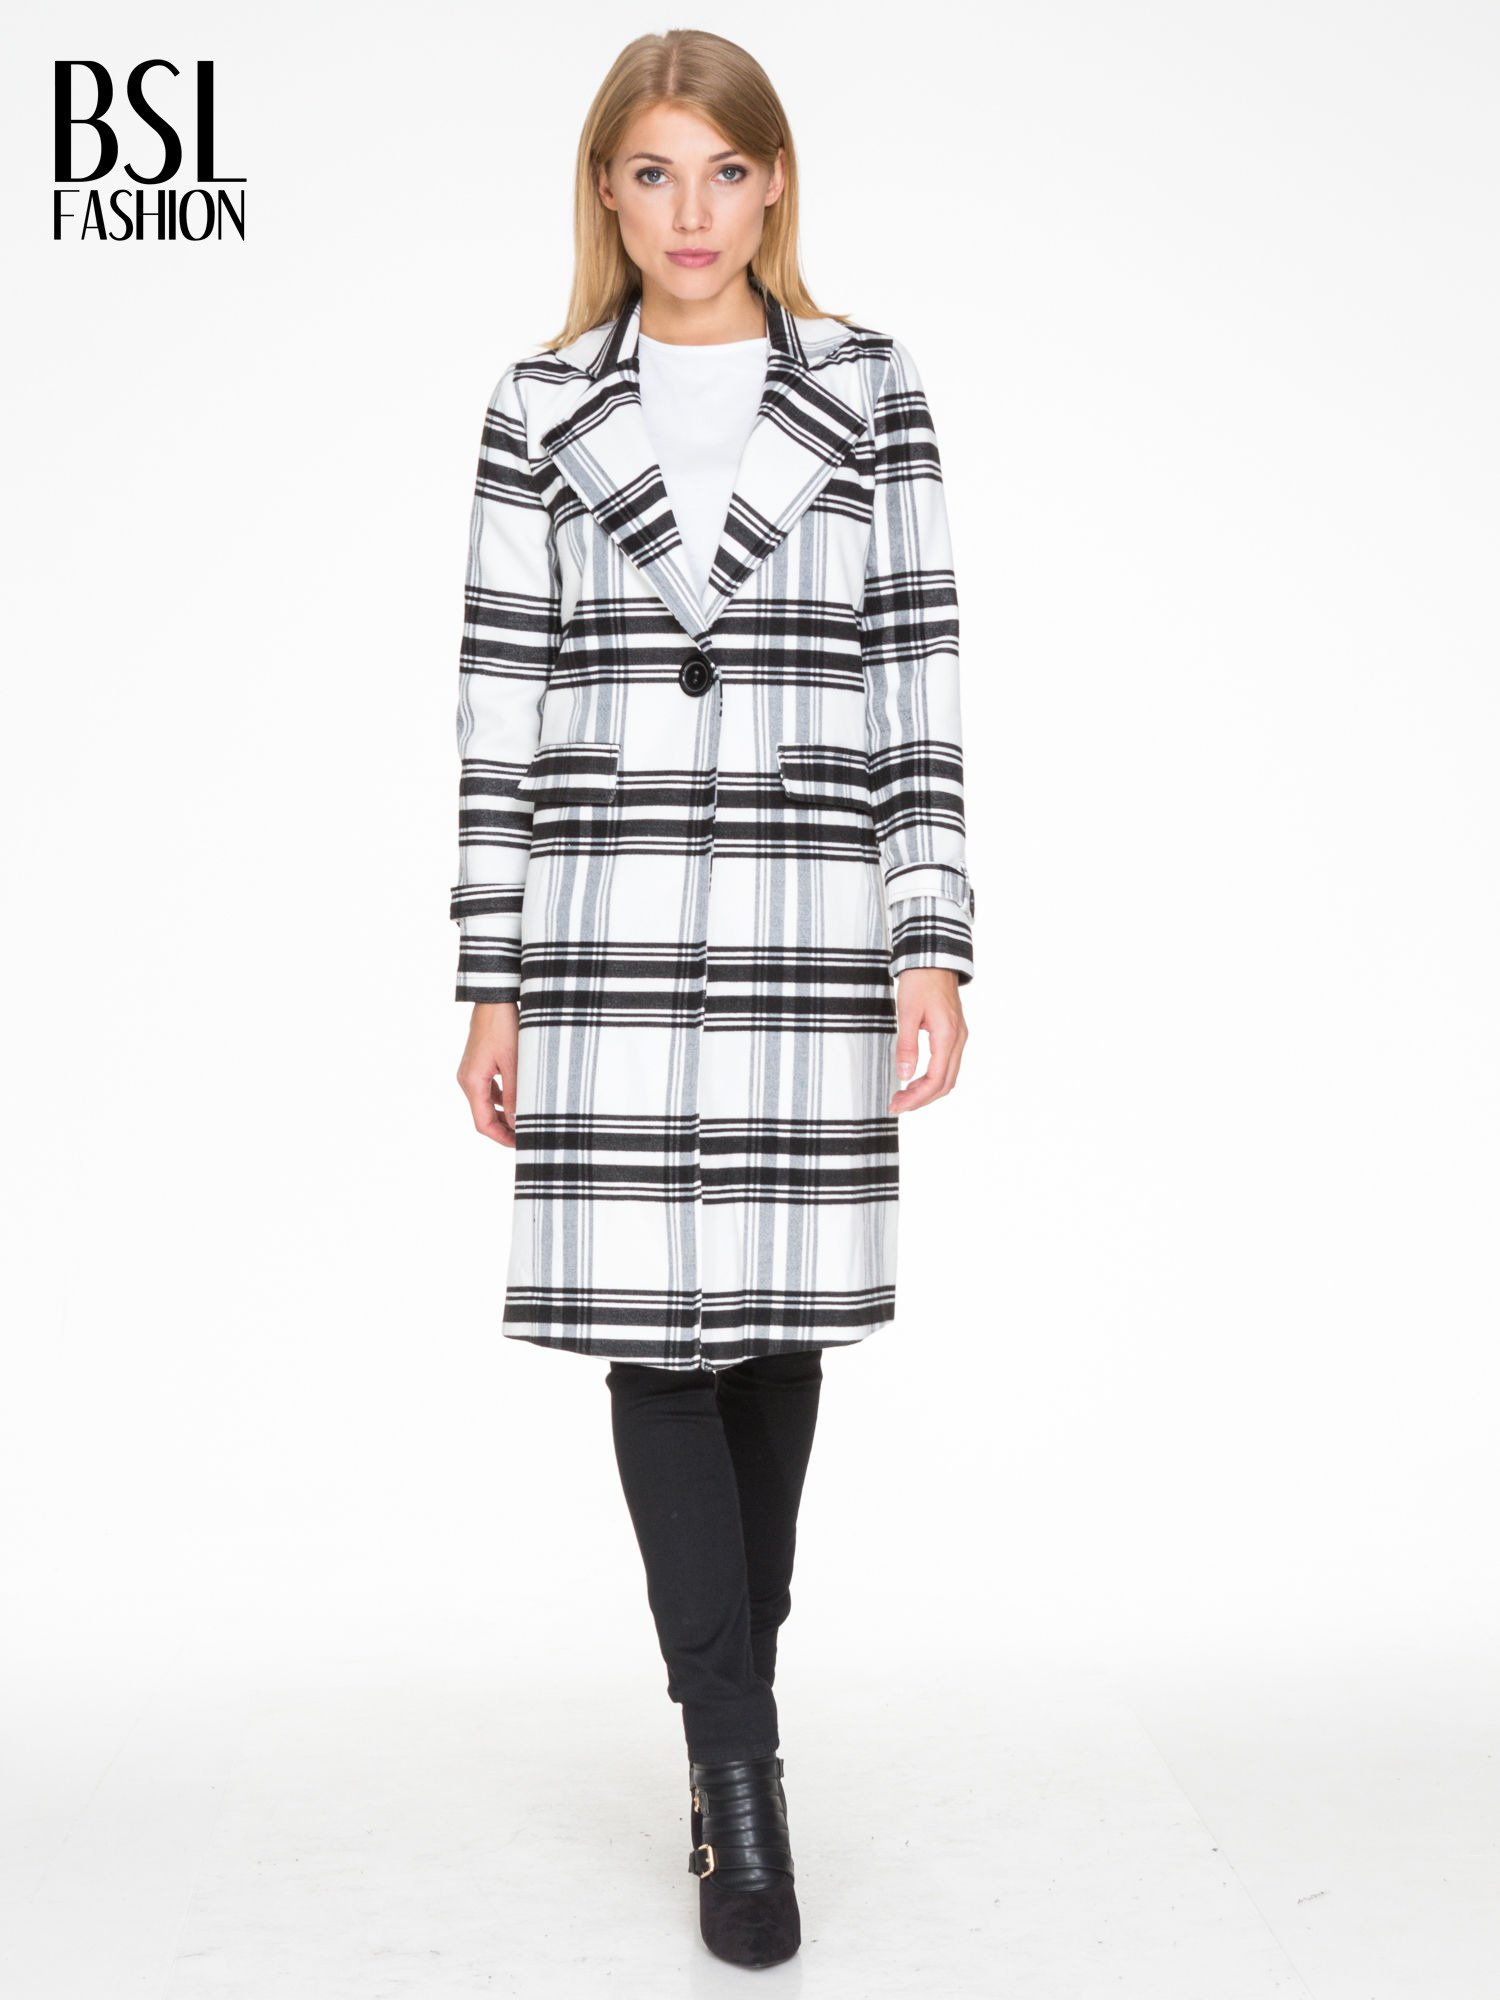 Biało-czarny wełniany płaszcz w kratę zapinany na jeden guzik                                  zdj.                                  4